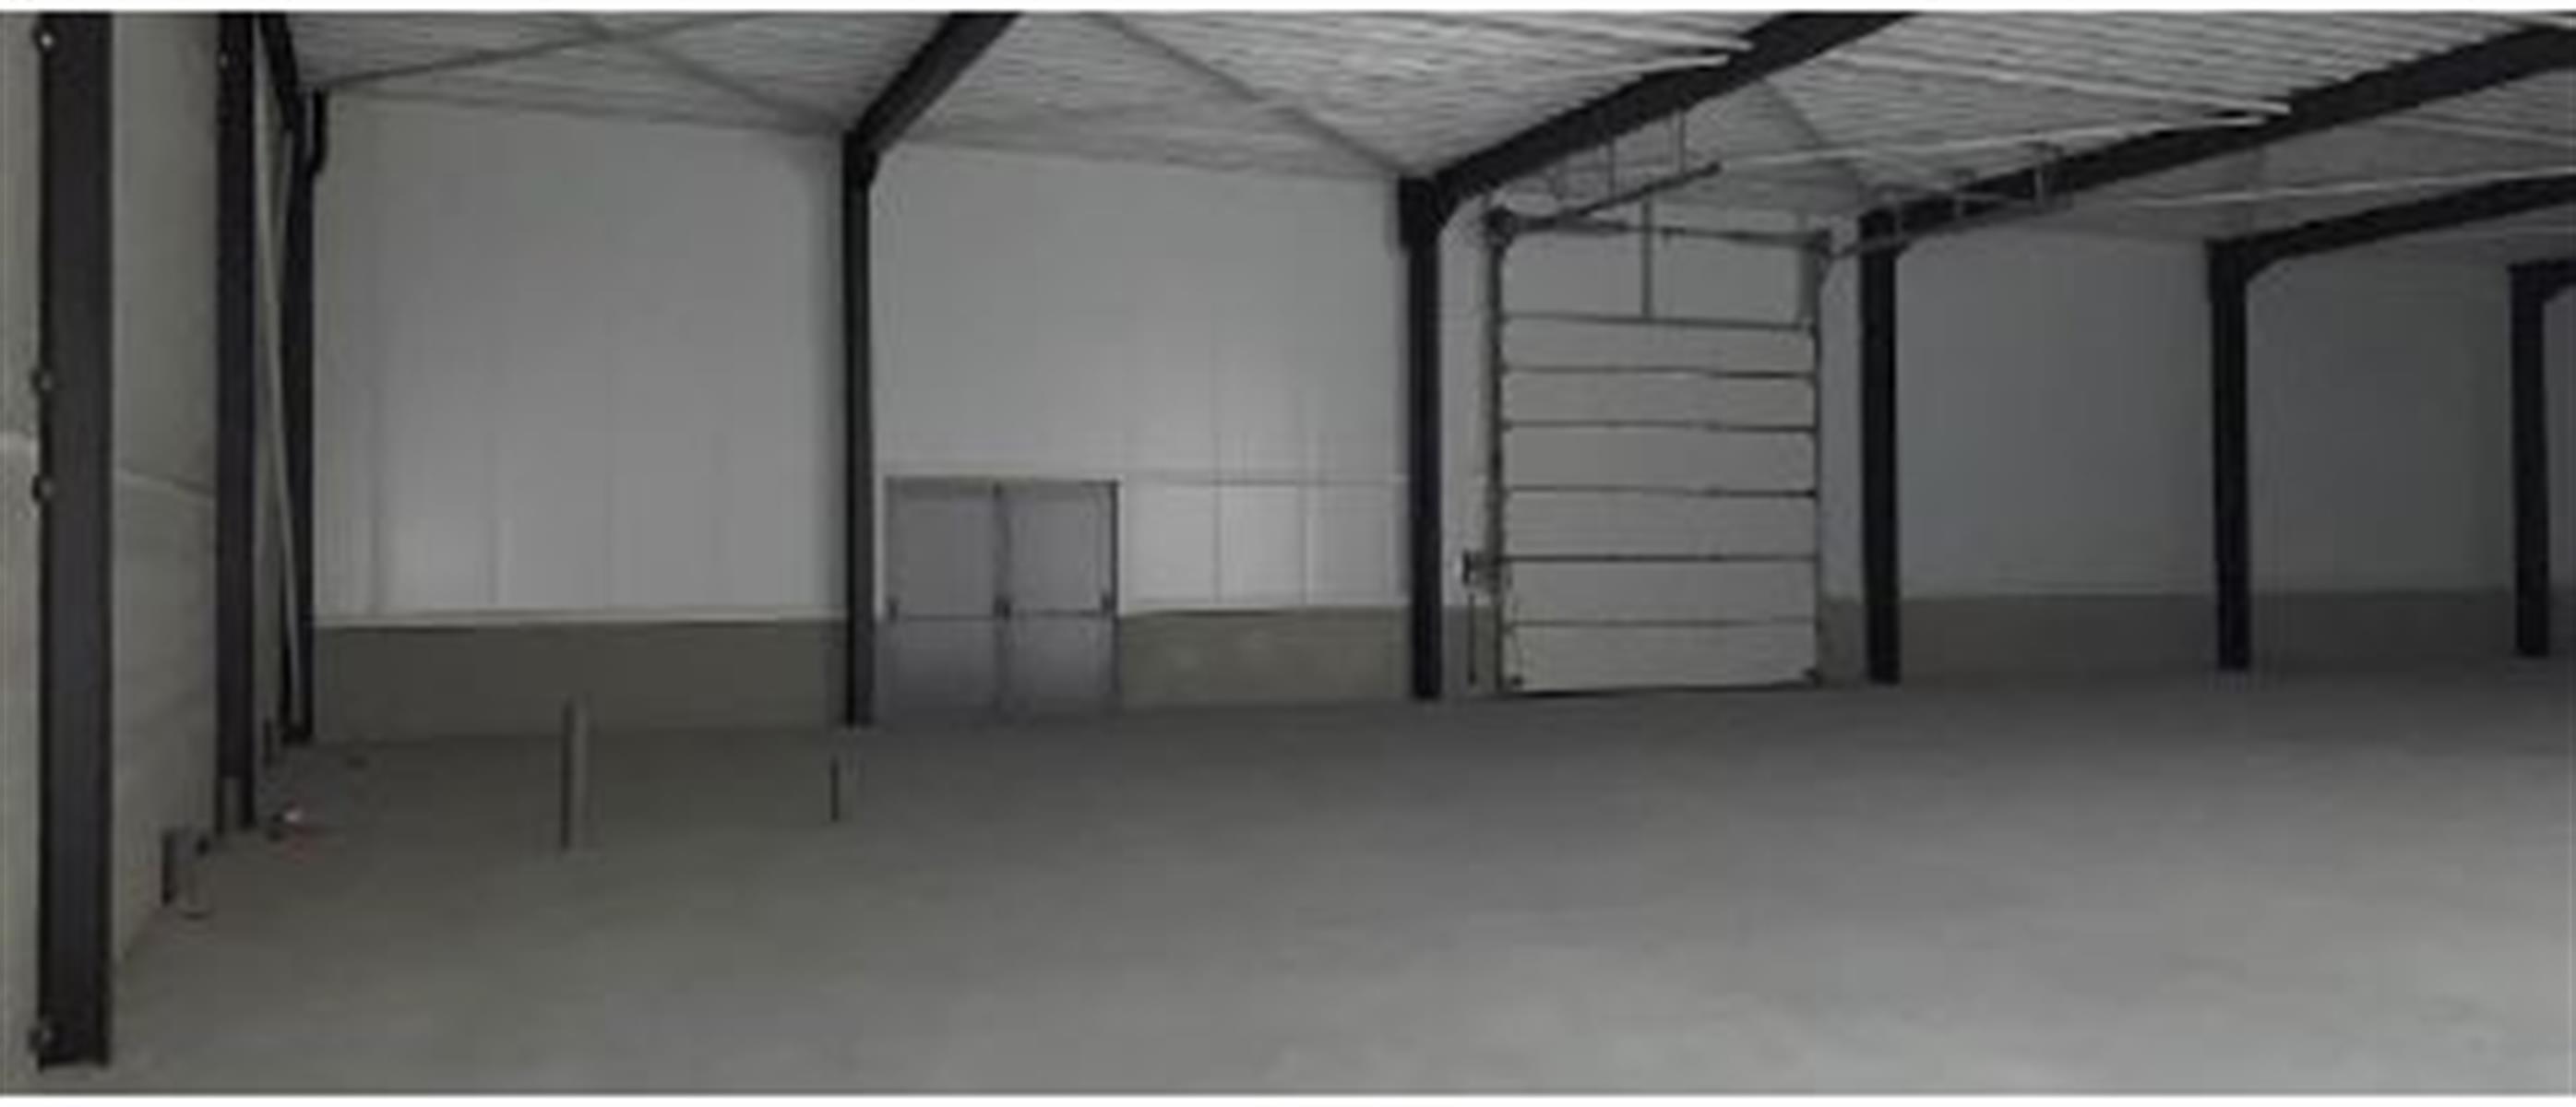 opslagplaats te huur Opslagruimte Handelsruimte Te Huur - 3630 Maasmechelen, België 4